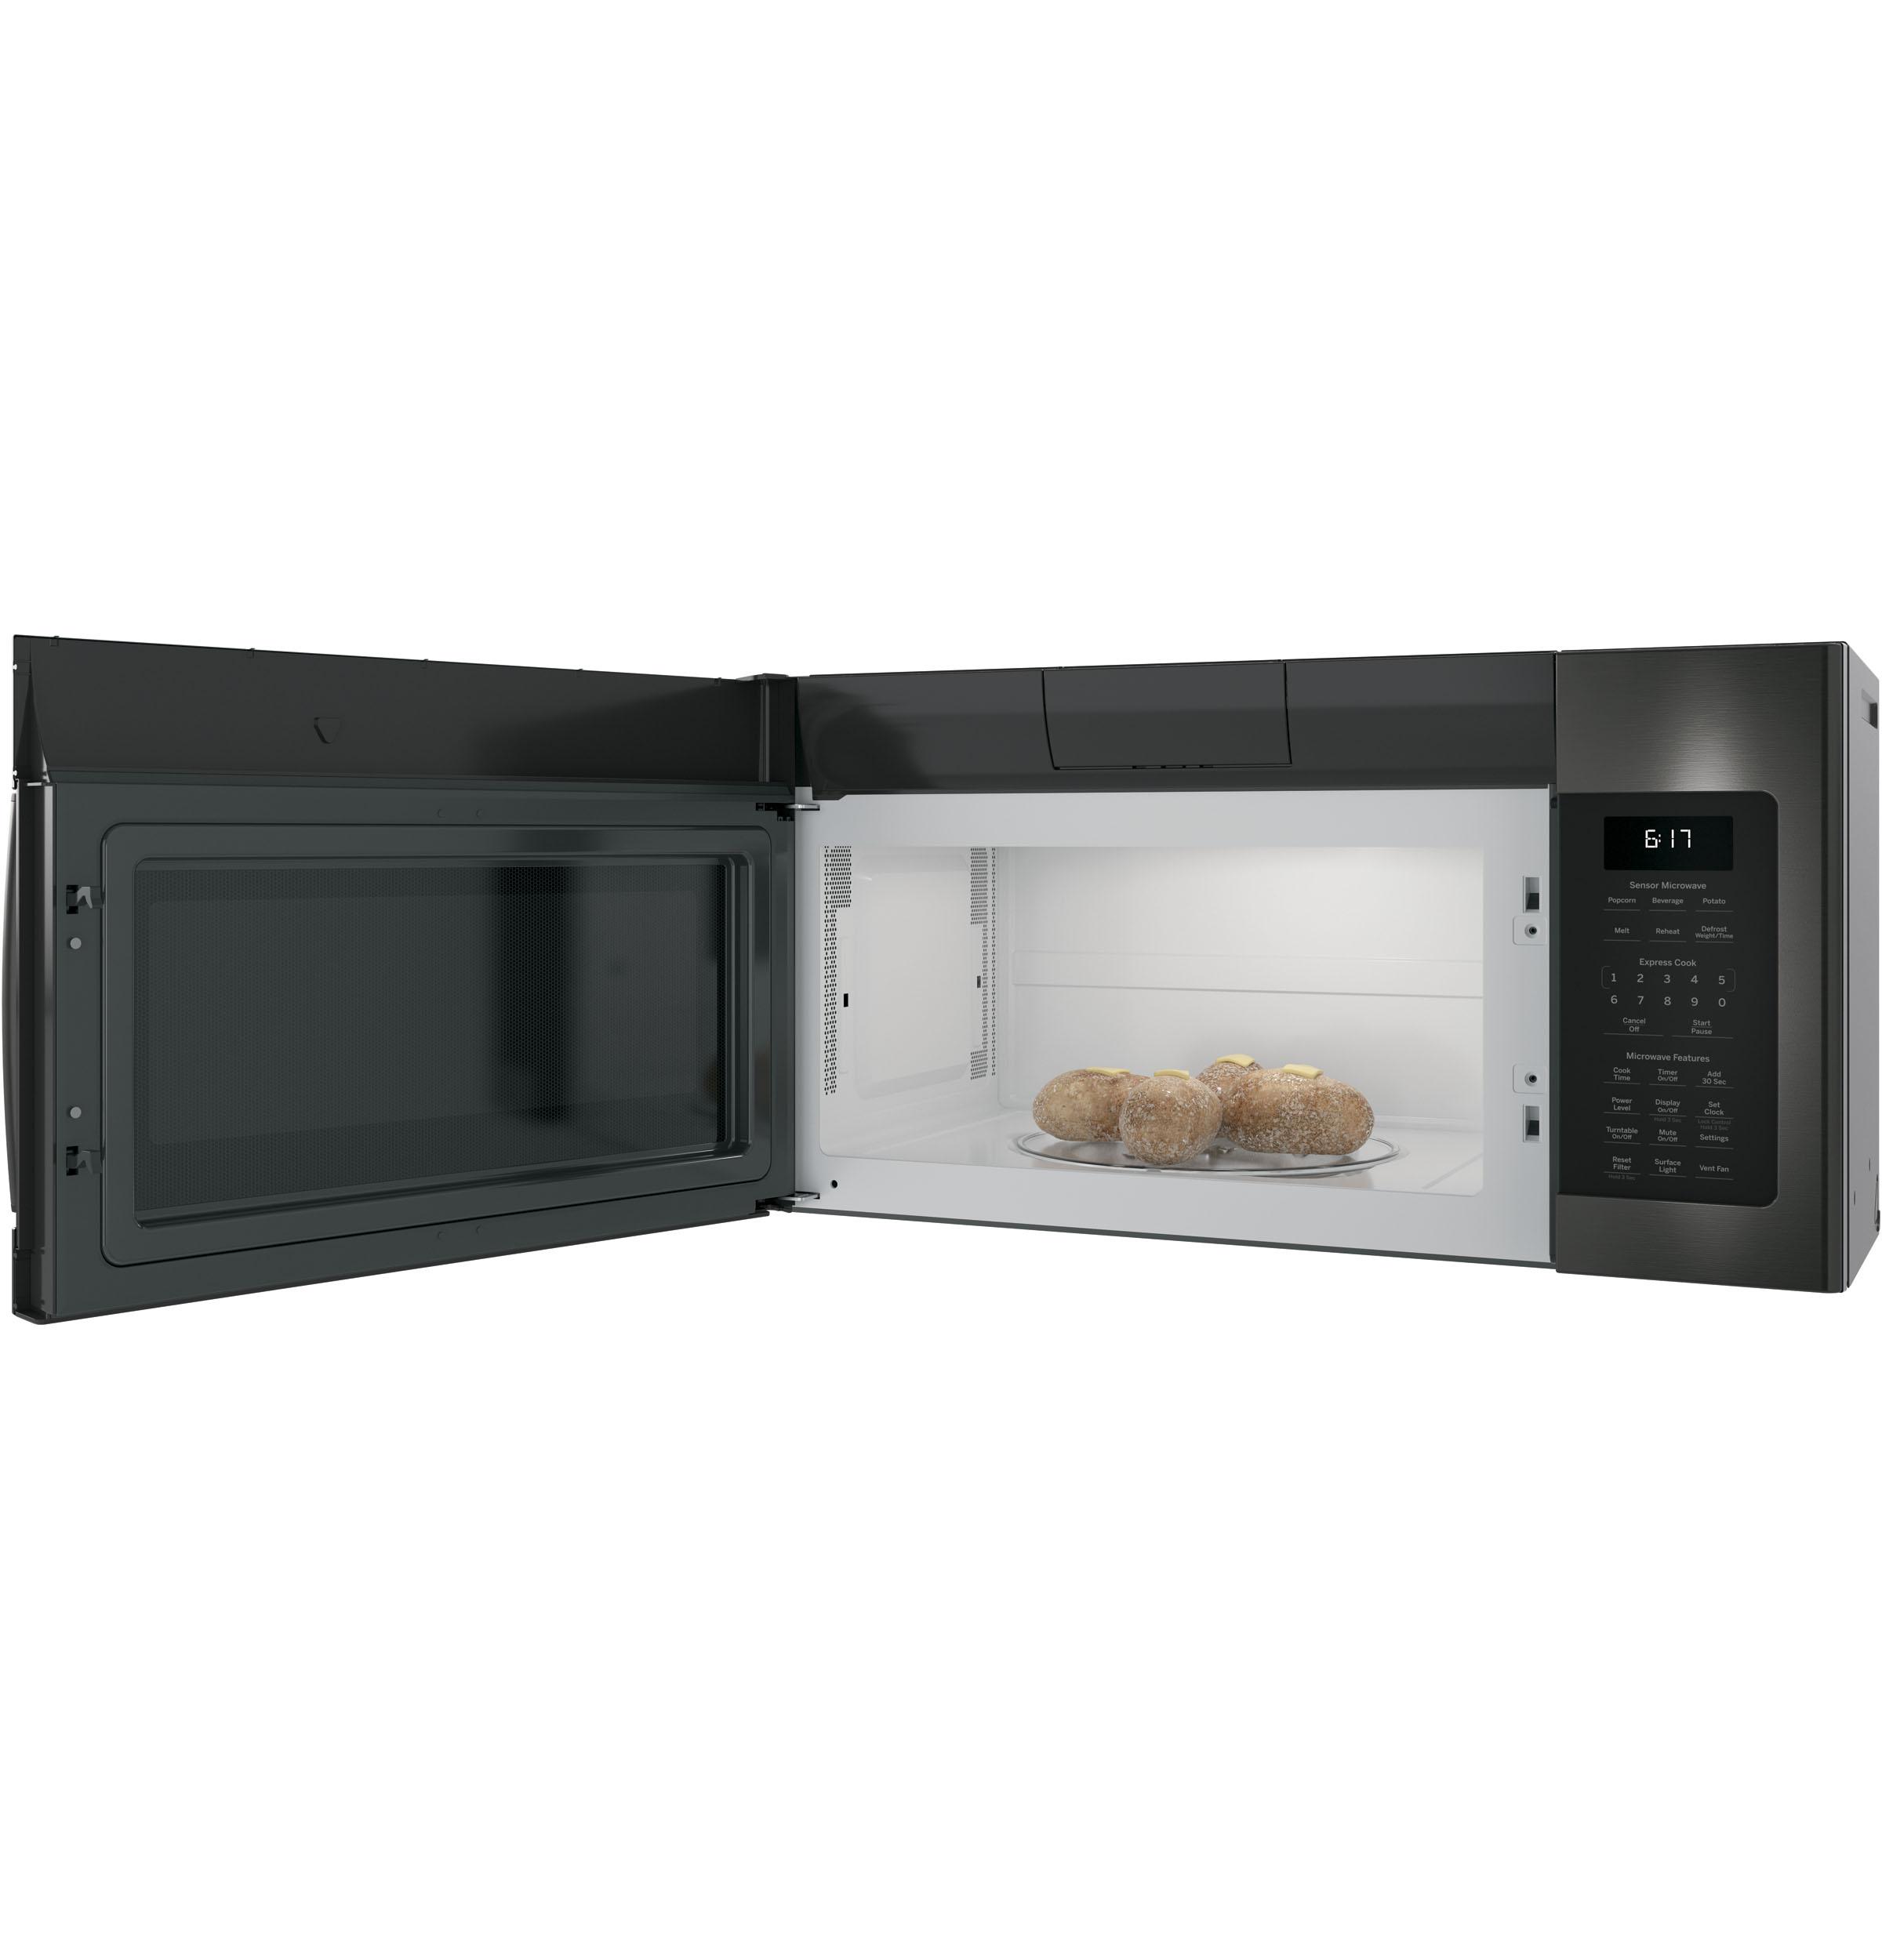 ge jvm6175blts ge 1 7 cu ft over the range sensor microwave oven jvm6175blts allshouse appliance and more